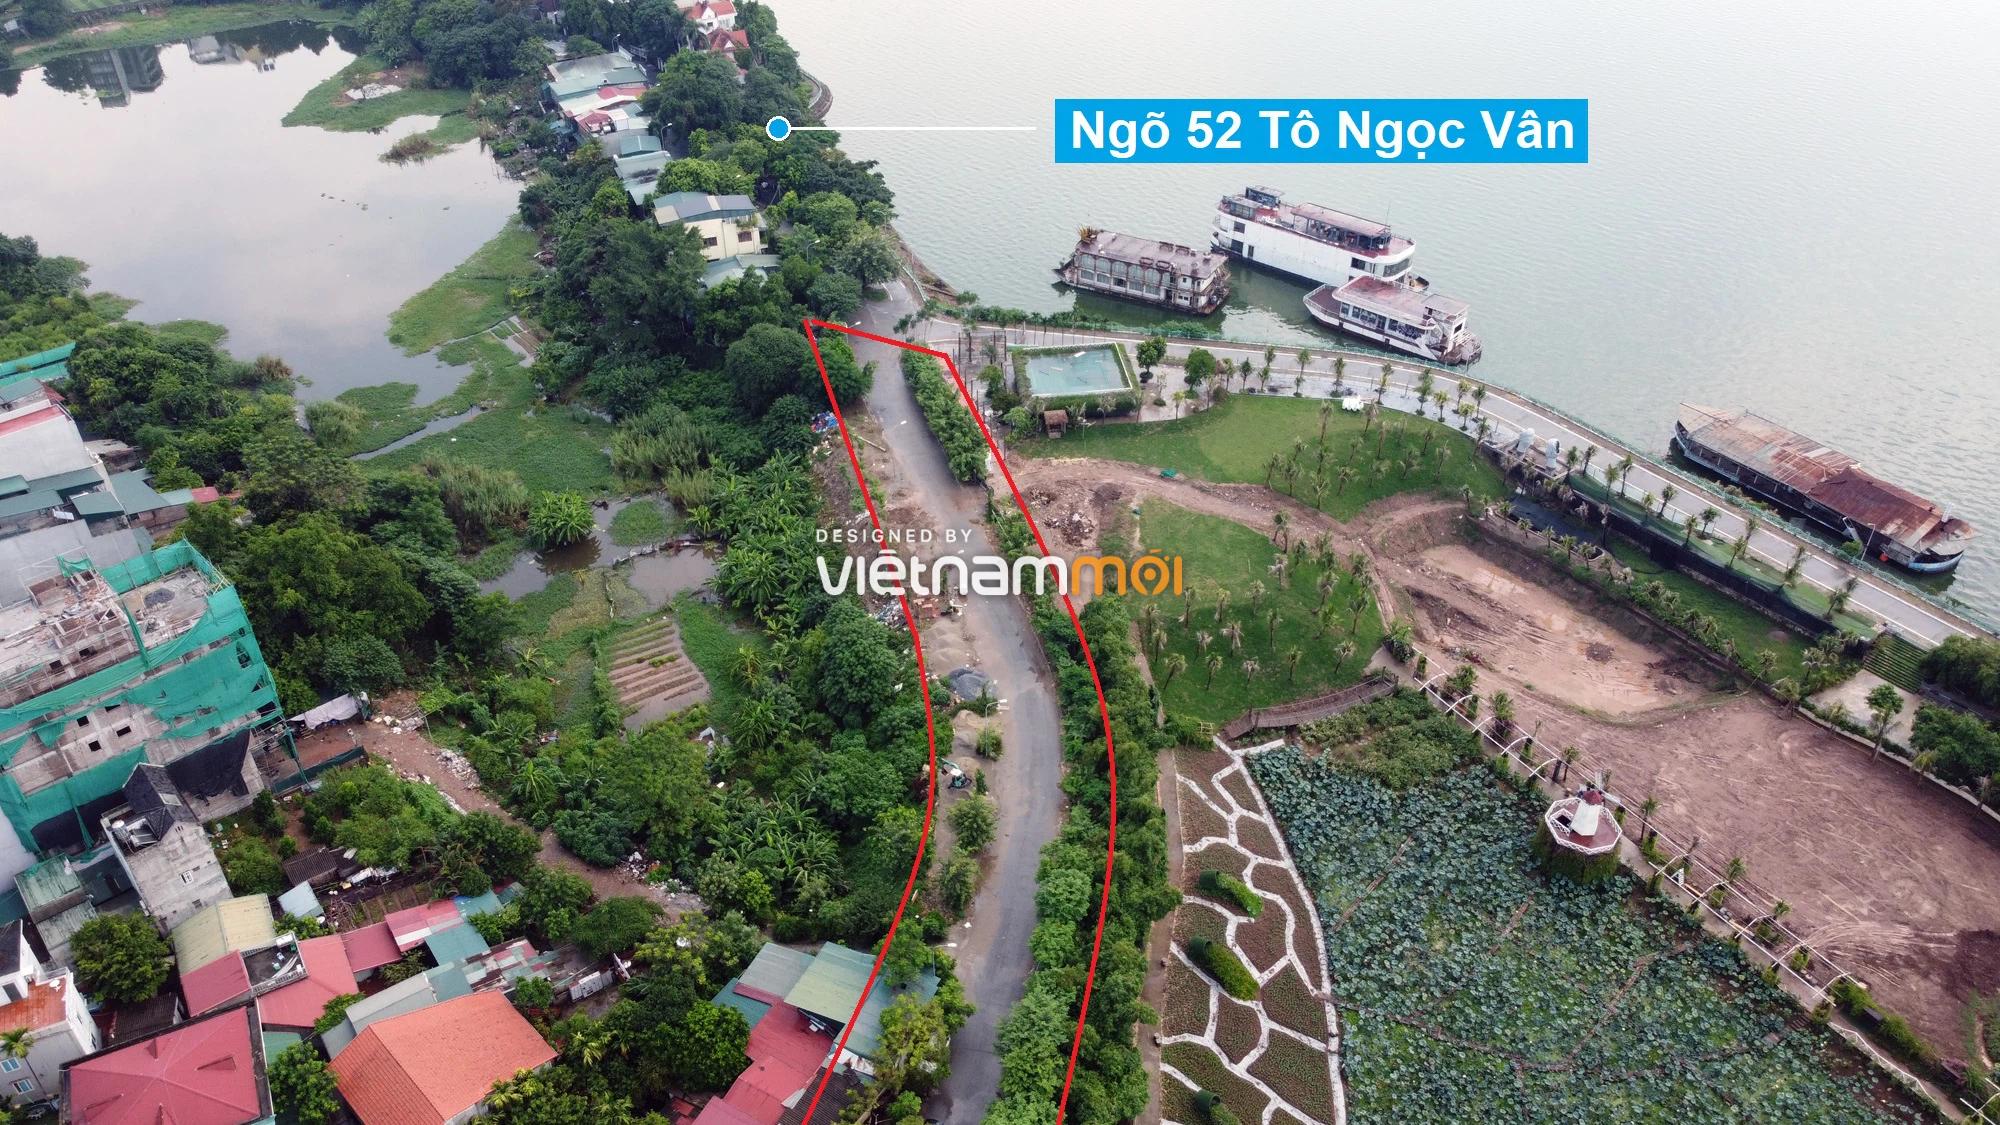 Những khu đất sắp thu hồi để mở đường ở quận Tây Hồ, Hà Nội (phần 2) - Ảnh 18.